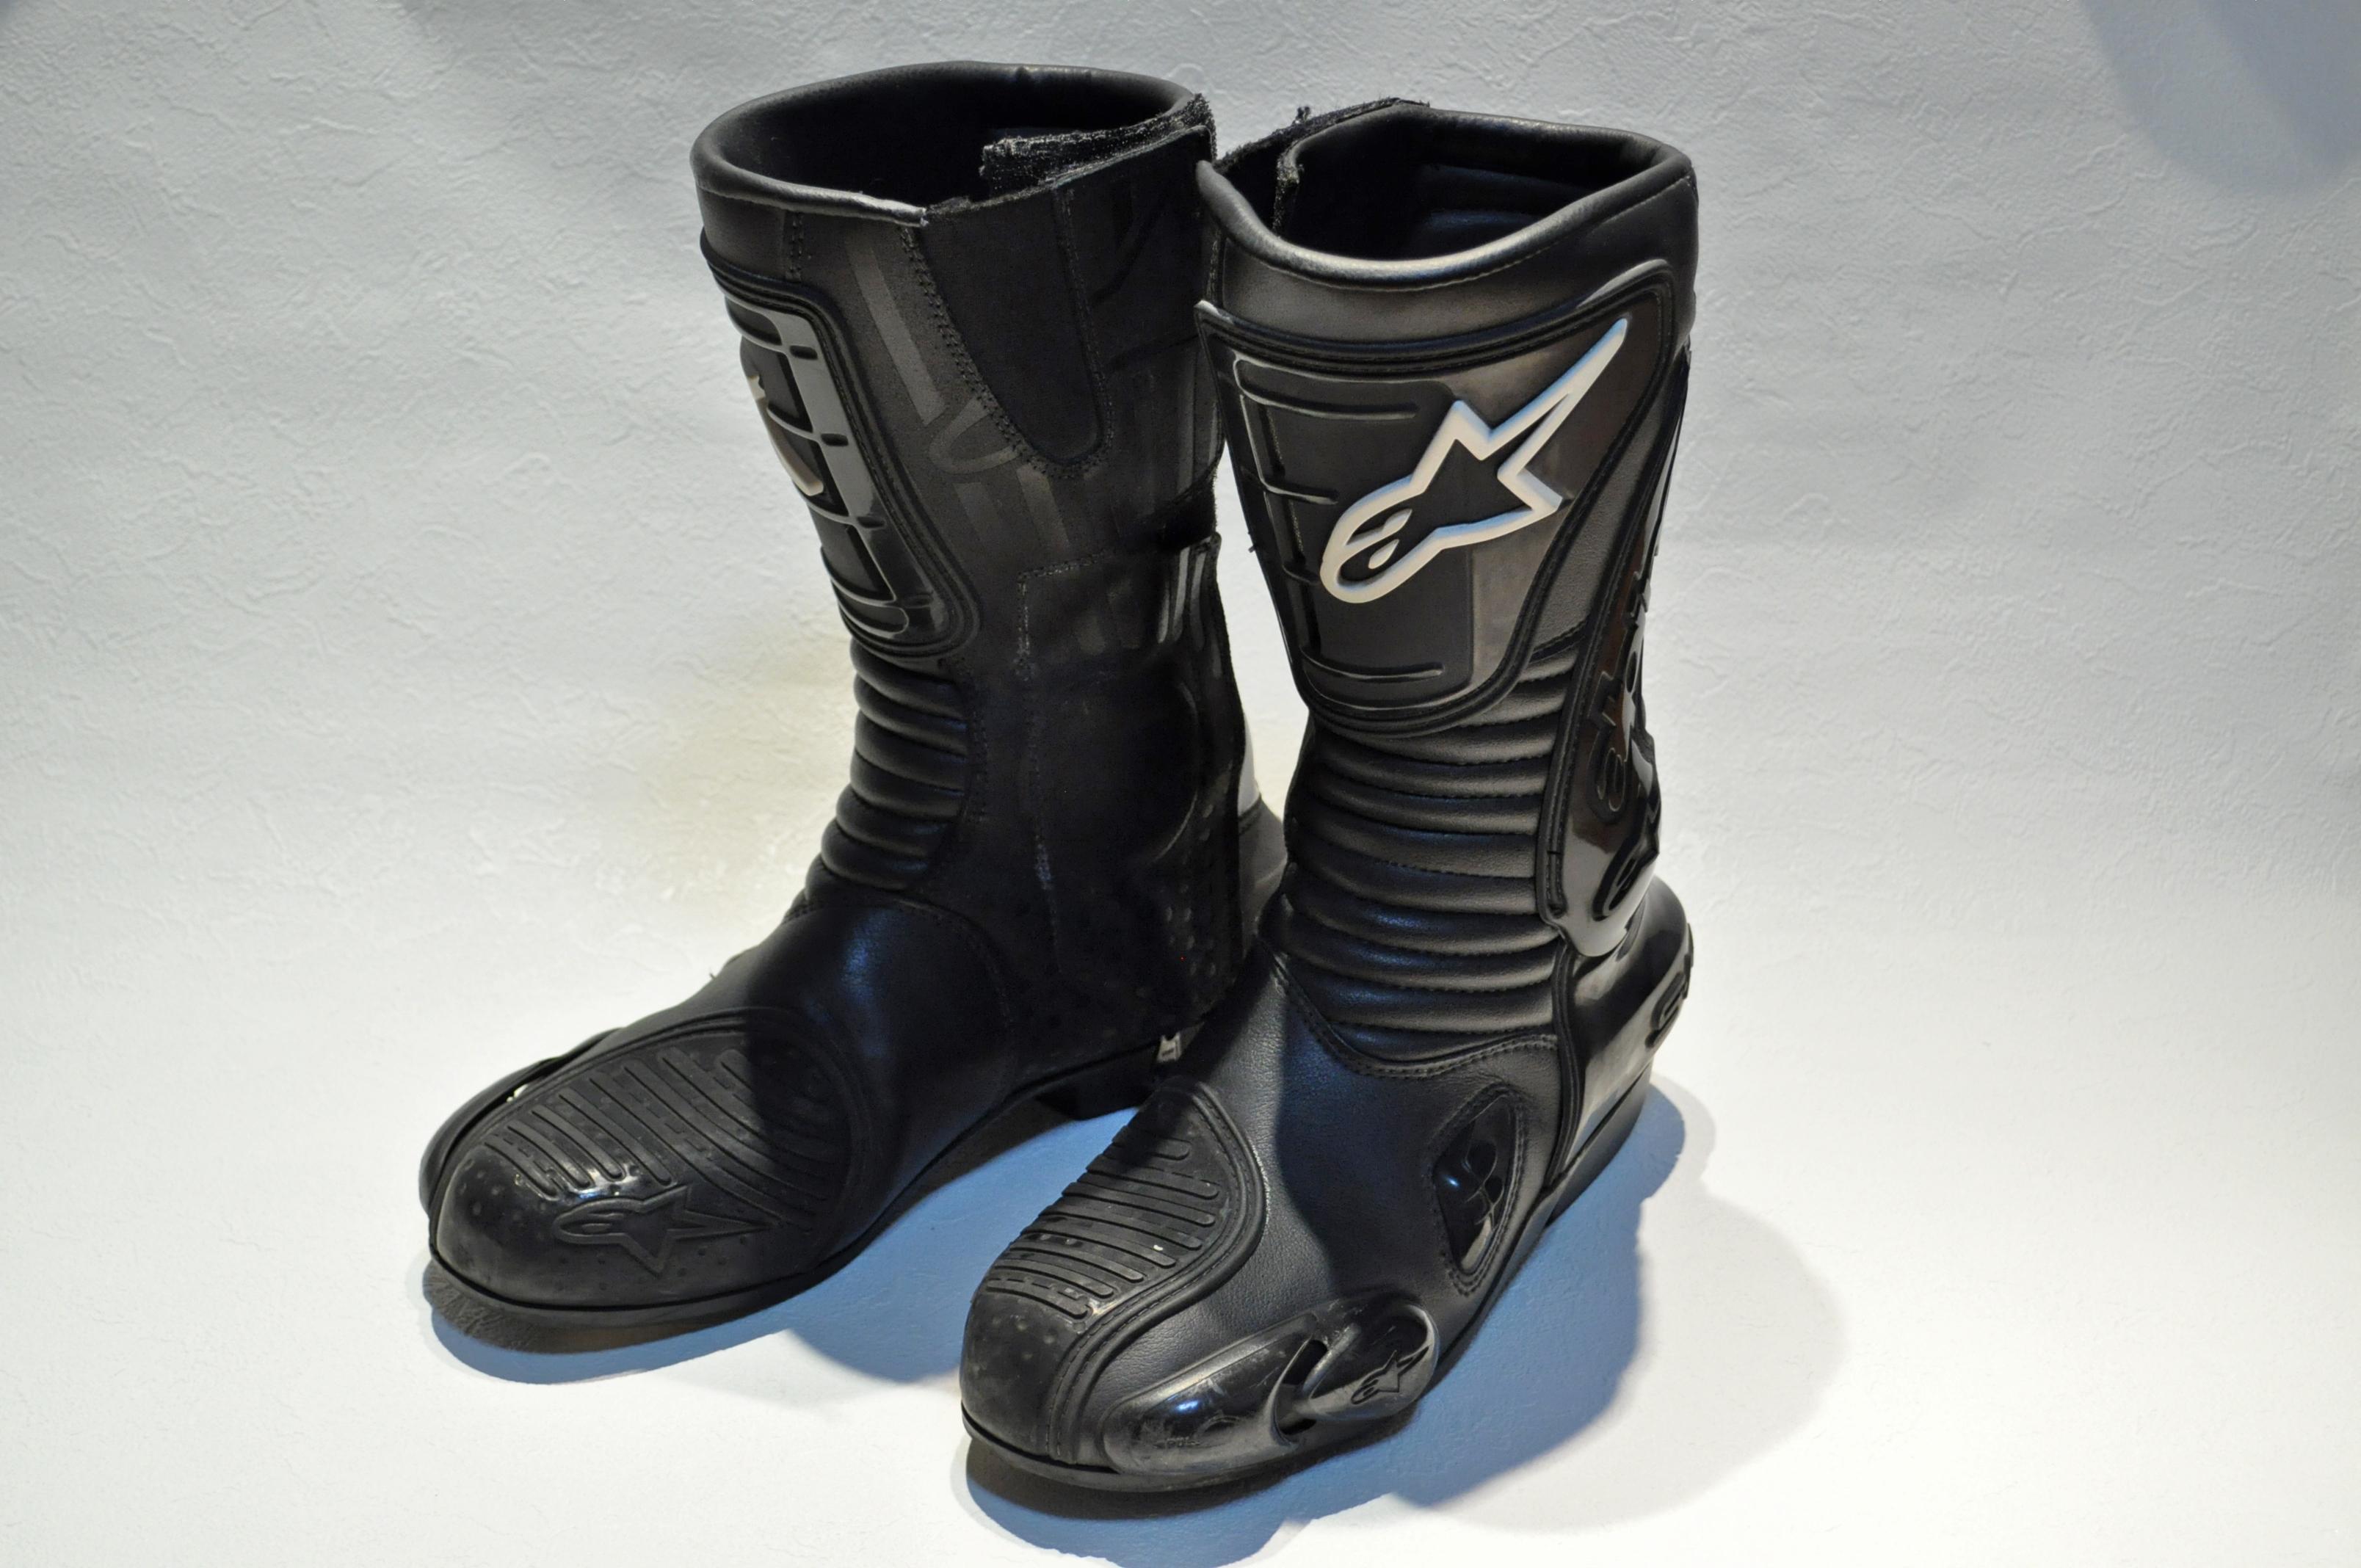 ファイル:Alpinestars S-MX Motorcycle boots.jpg - Wikipedia